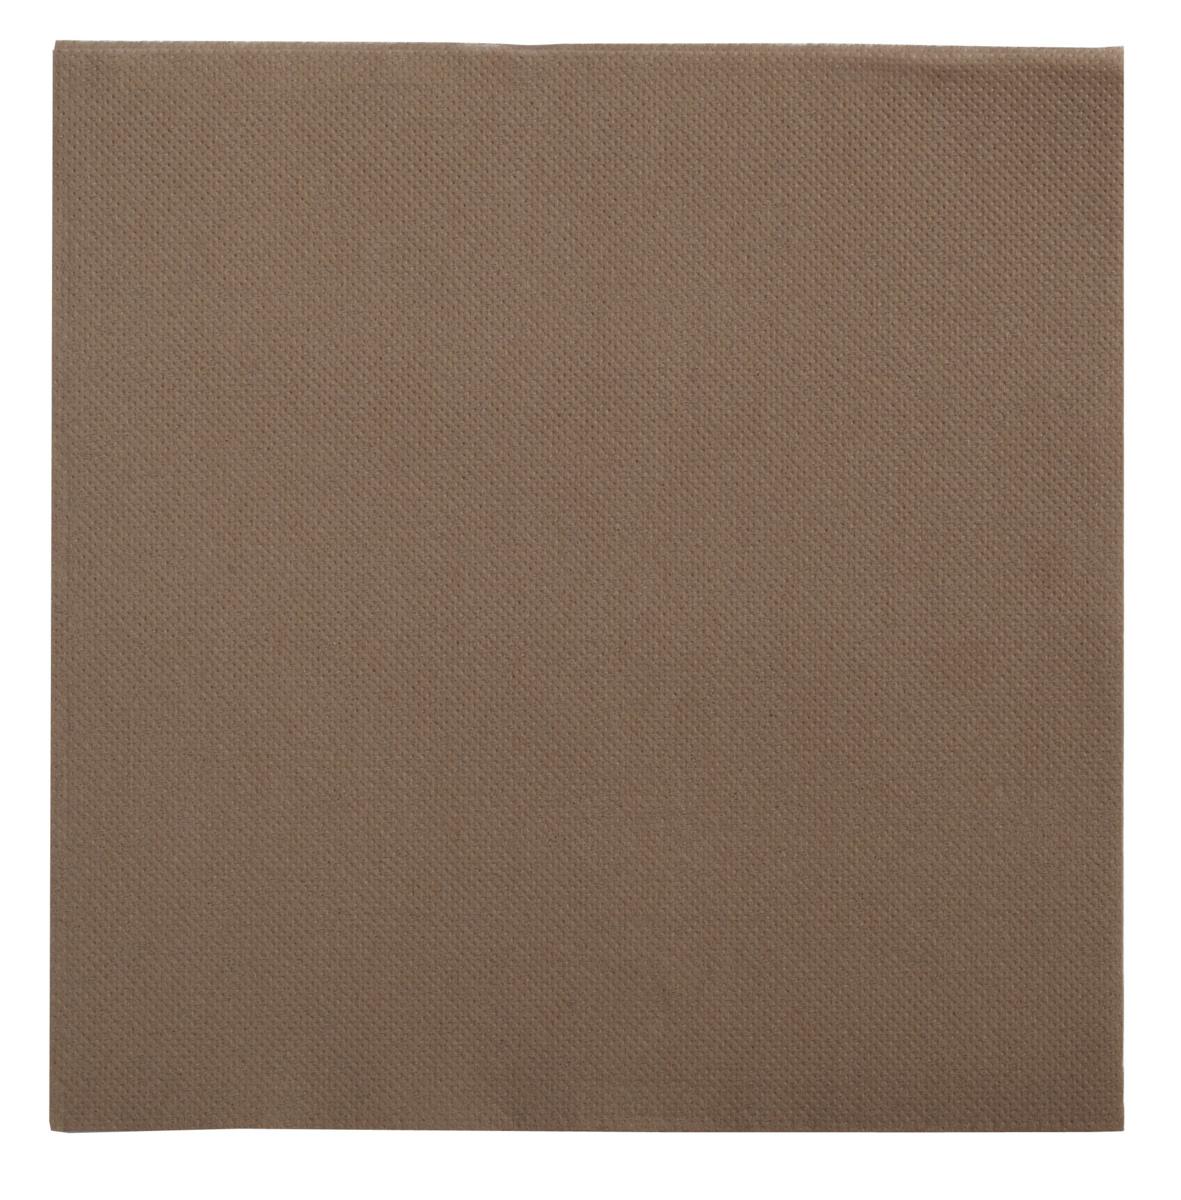 Serviette taupe ouate de cellulose 38x38 cm Lisah Pro.mundi (50 pièces)